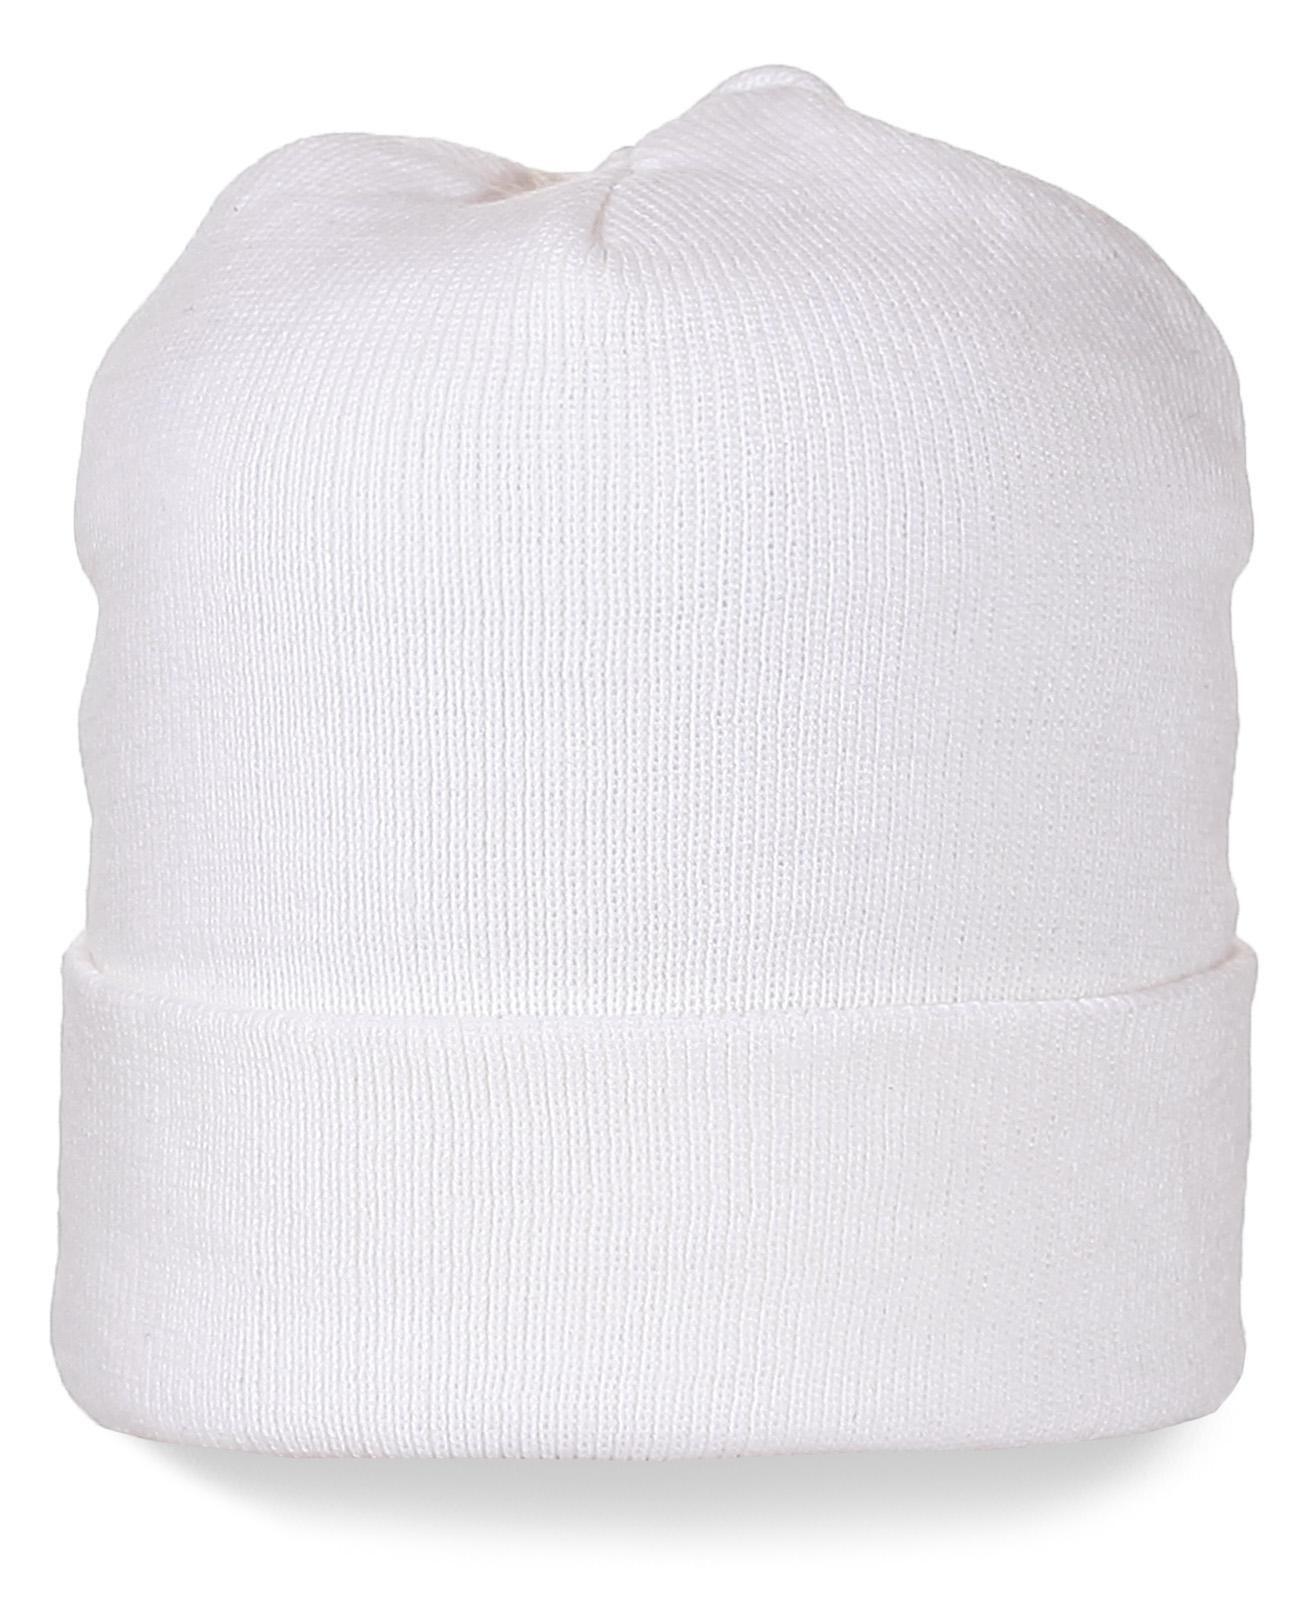 Белая шапка с подворотом. Модный головной убор на все случаи жизни